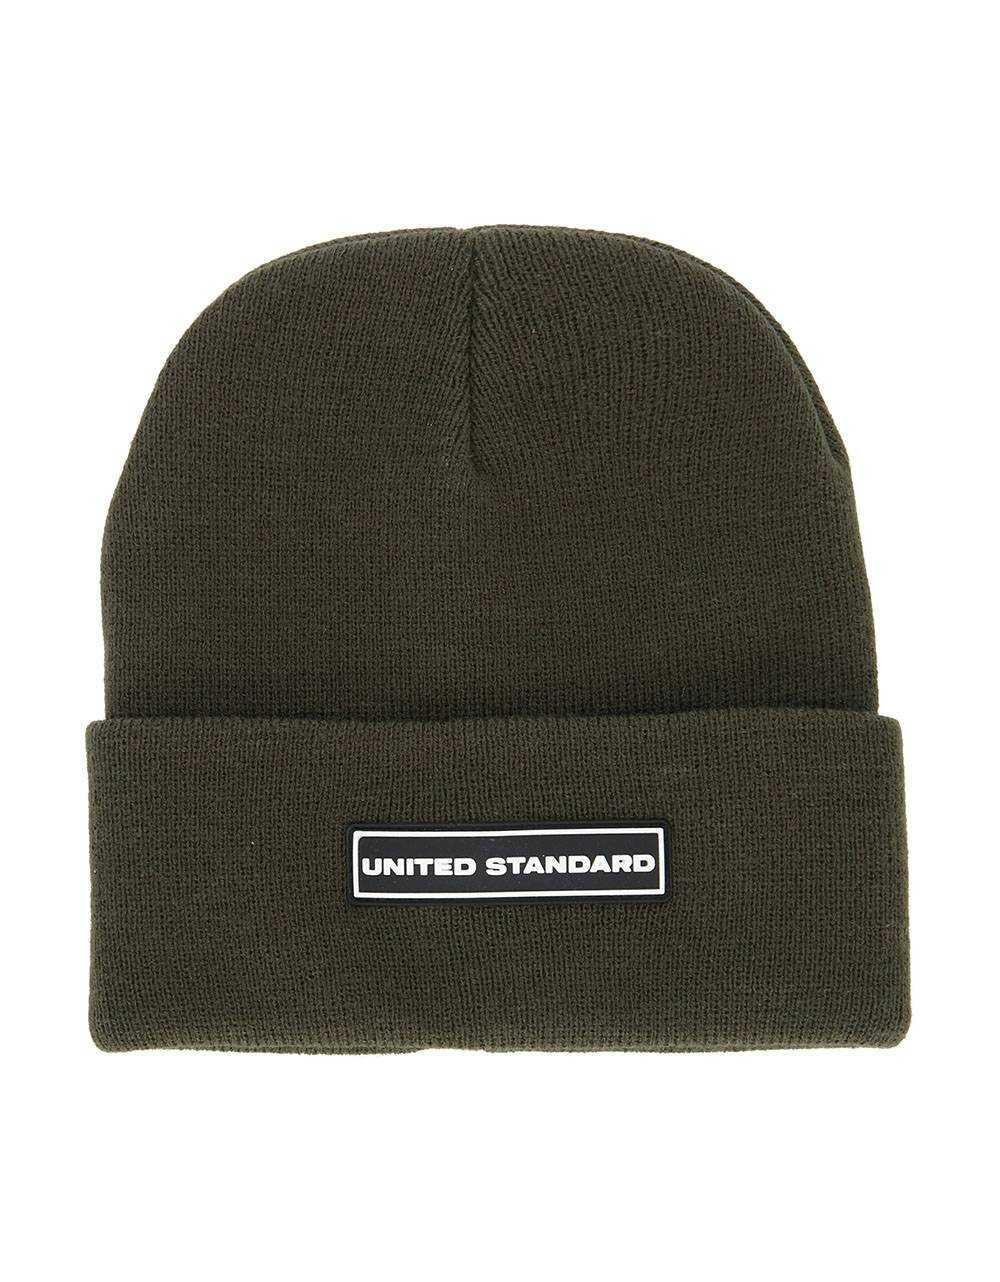 United Standard box logo beanie - military United Standard Beanie 53,28€